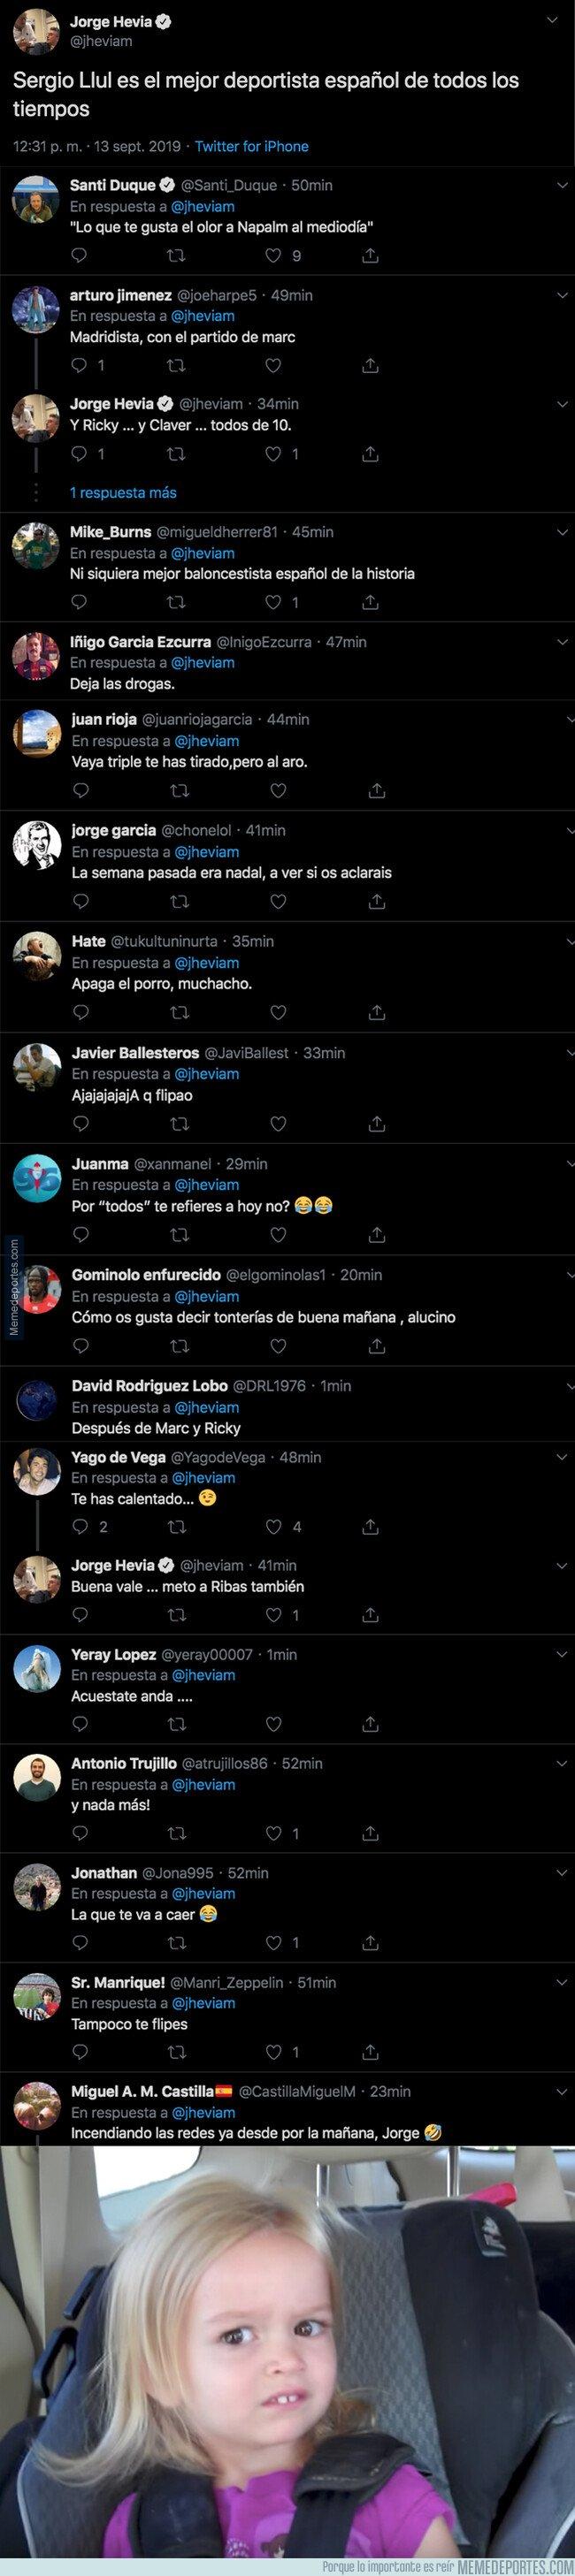 1085662 - Jorge Hevia (COPE) dice que Llull es el mejor deportista de todos los tiempos y todo el mundo le está poniendo fino en las respuestas